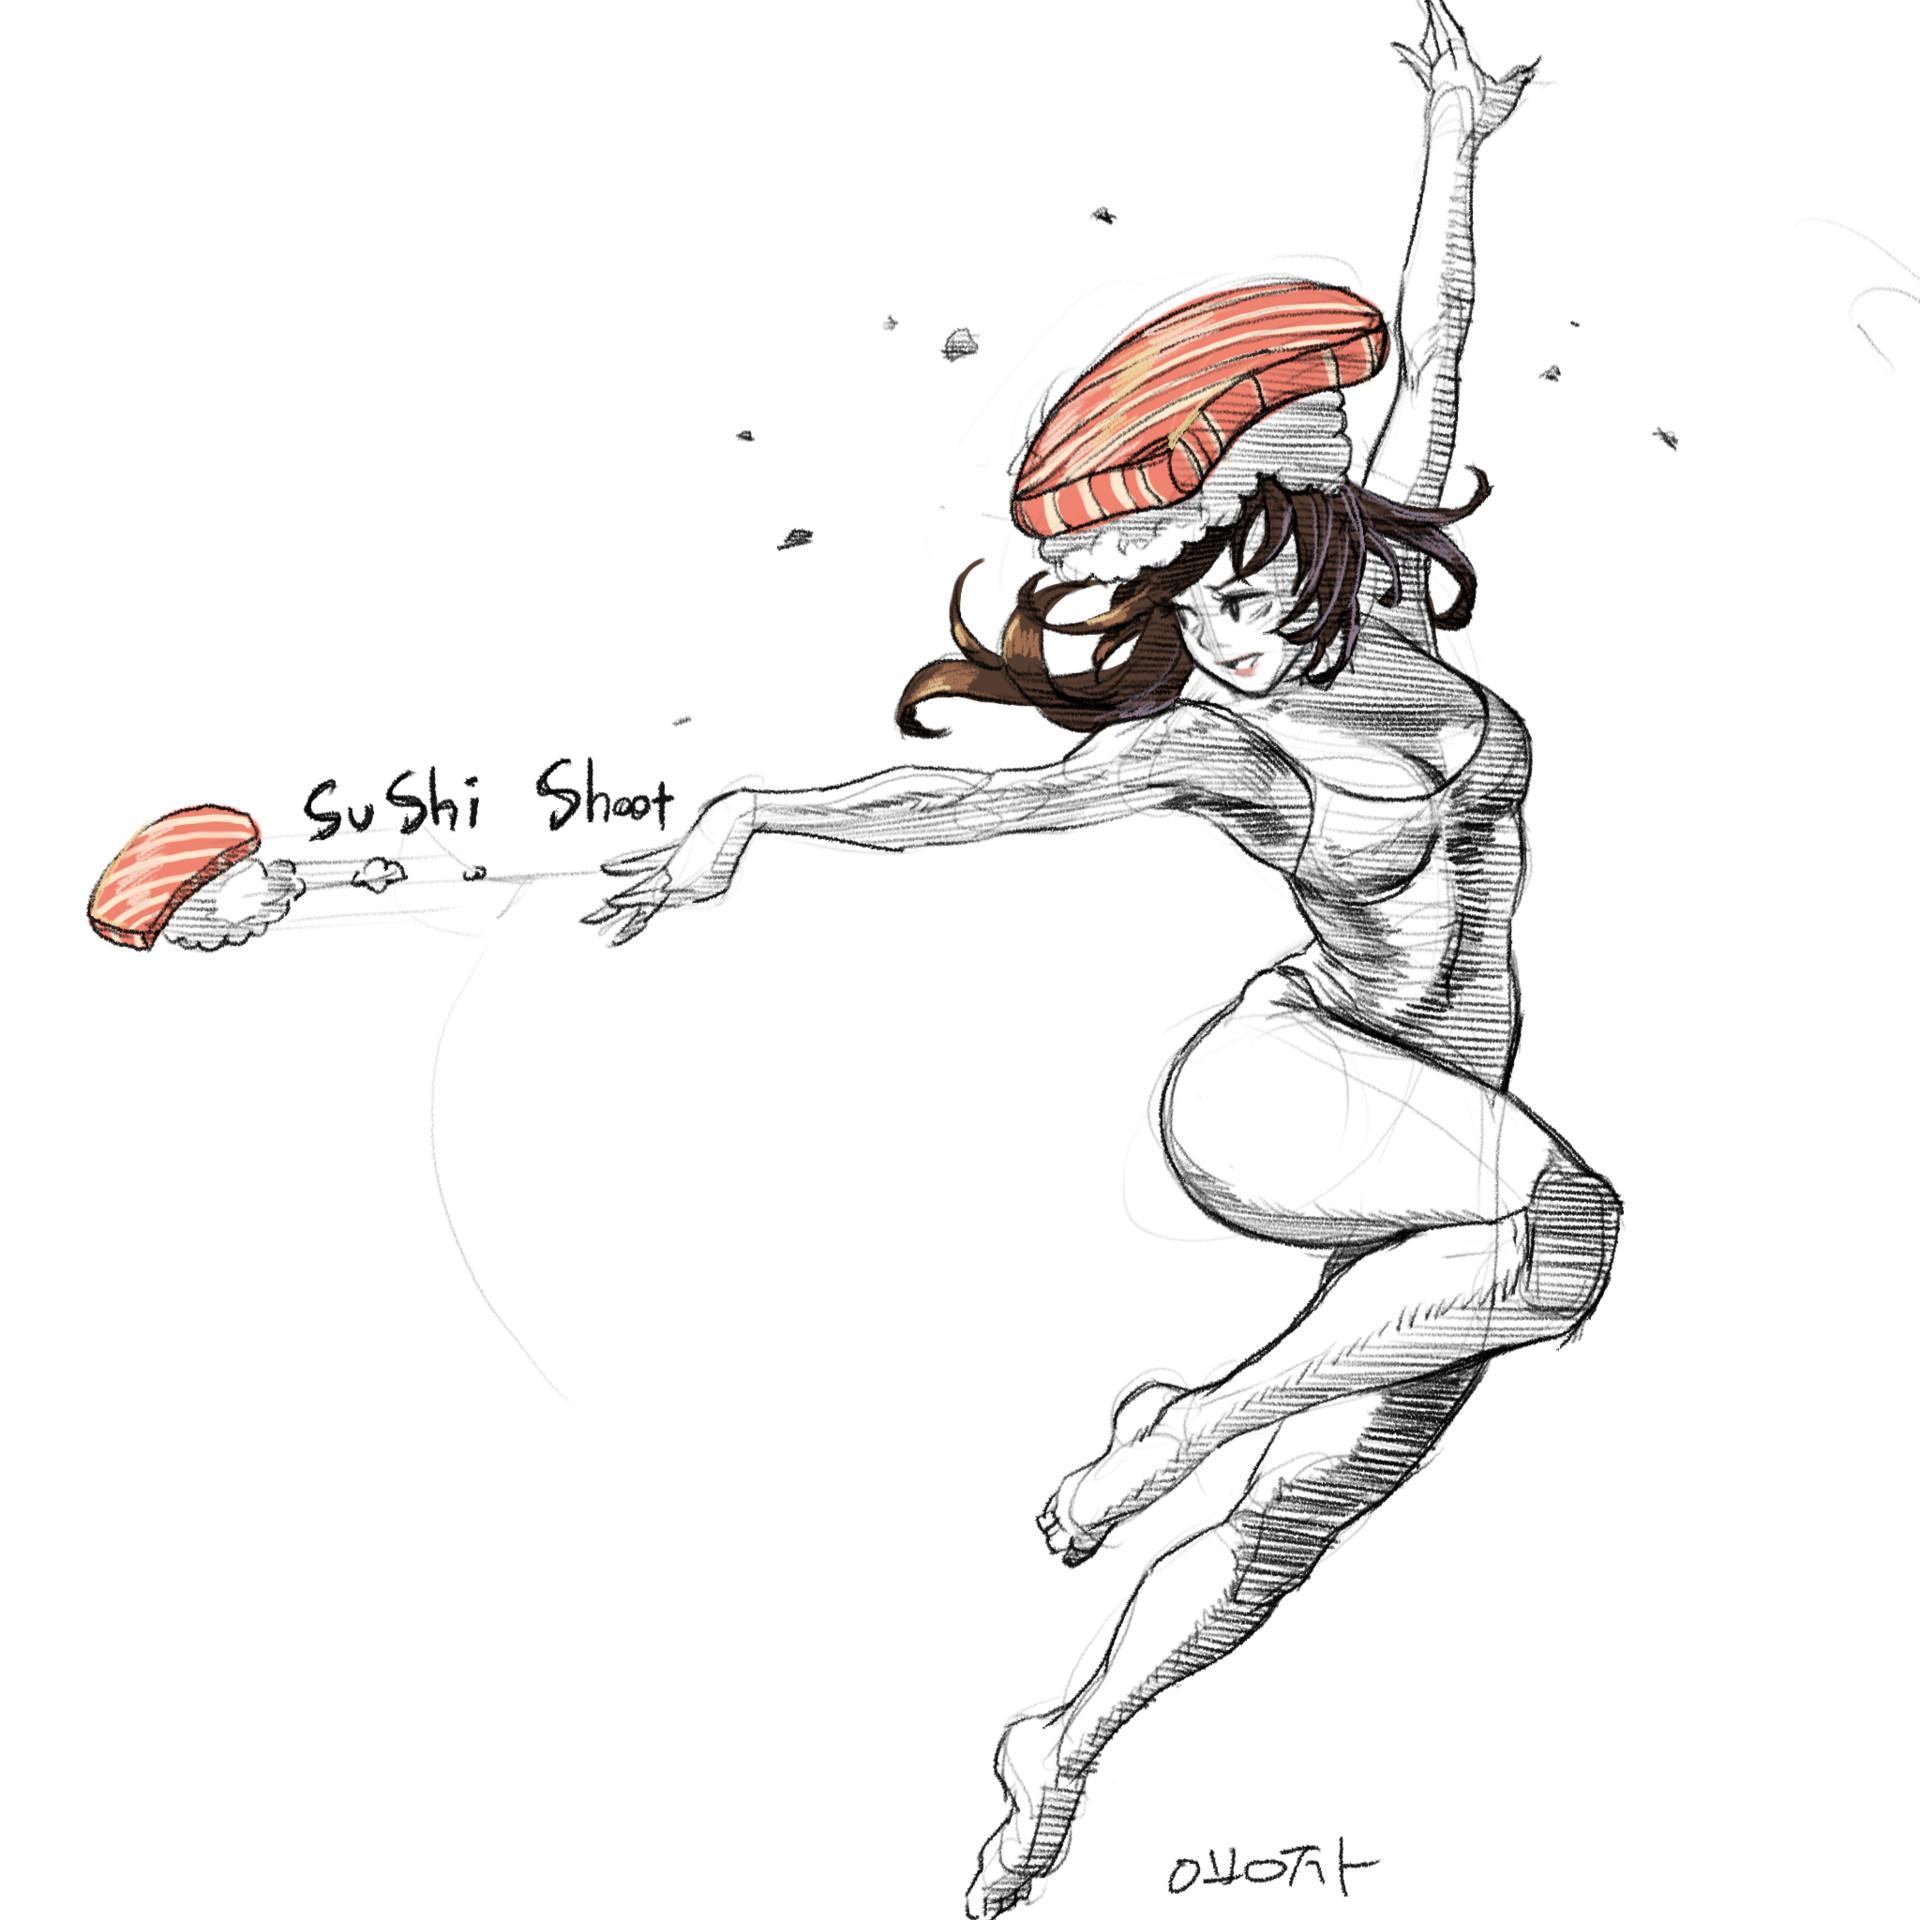 原画插画-人体速写光影肤色律动的曲线肢体语言作品原画插画线稿186P(13)